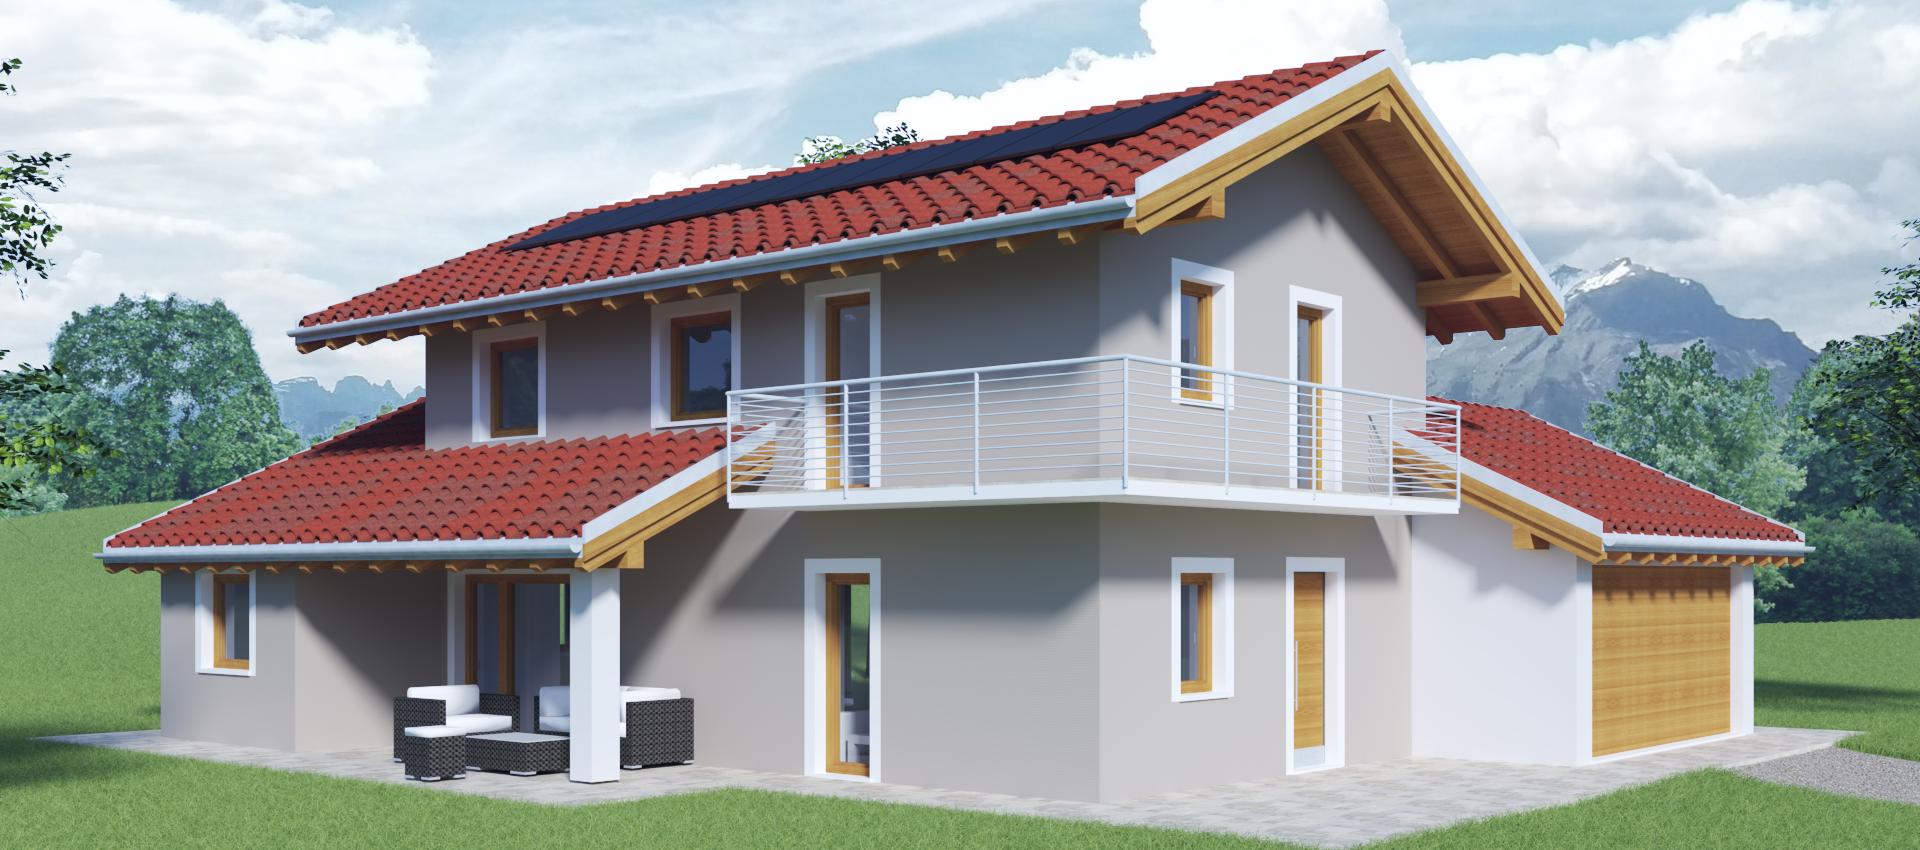 Edificio in muratura standard passivhaus